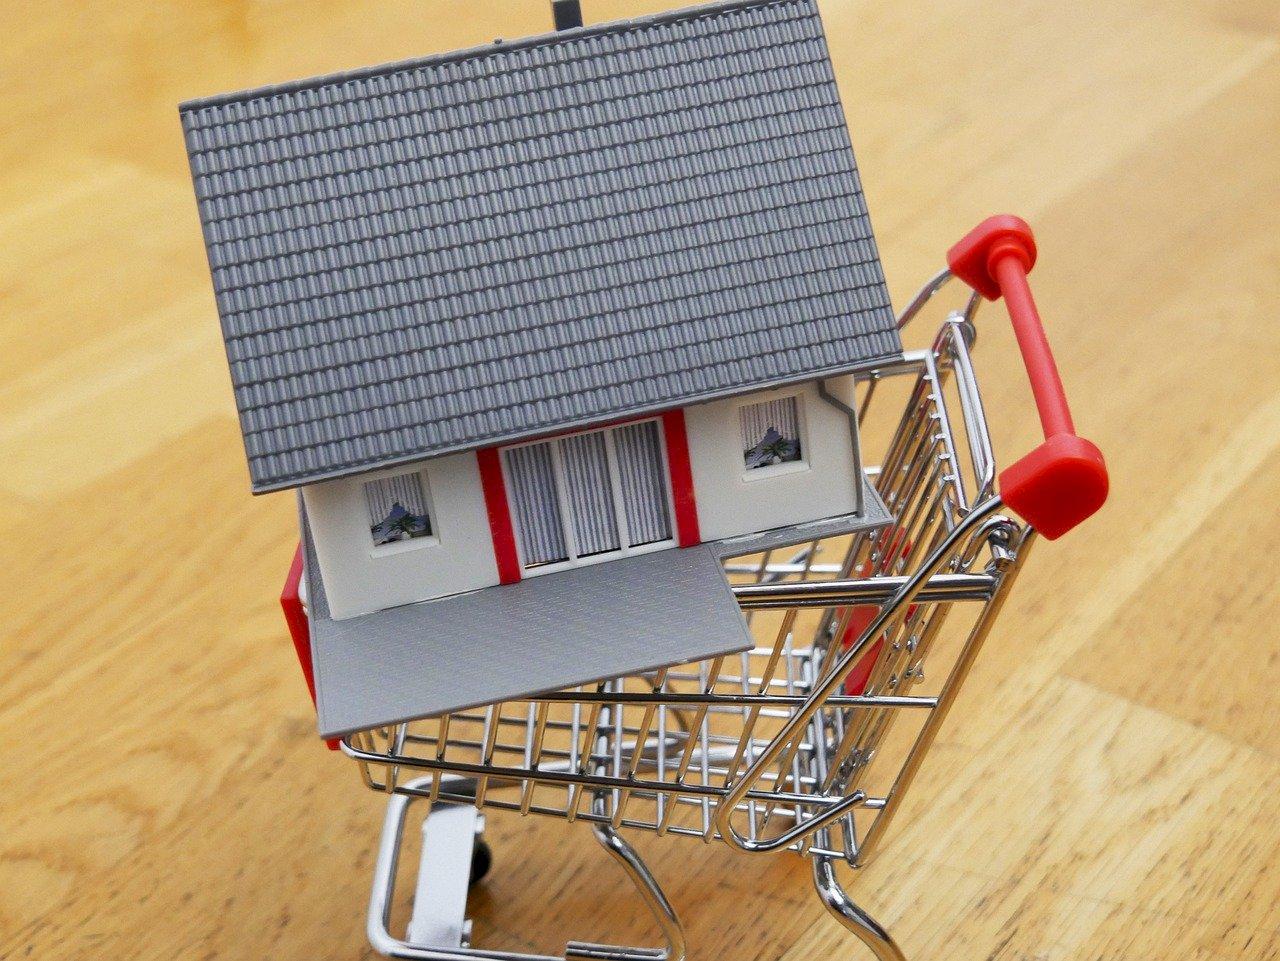 房價直直漲 原來不只台灣!但為何疫情嚴重的美國房價也飆至14年新高?